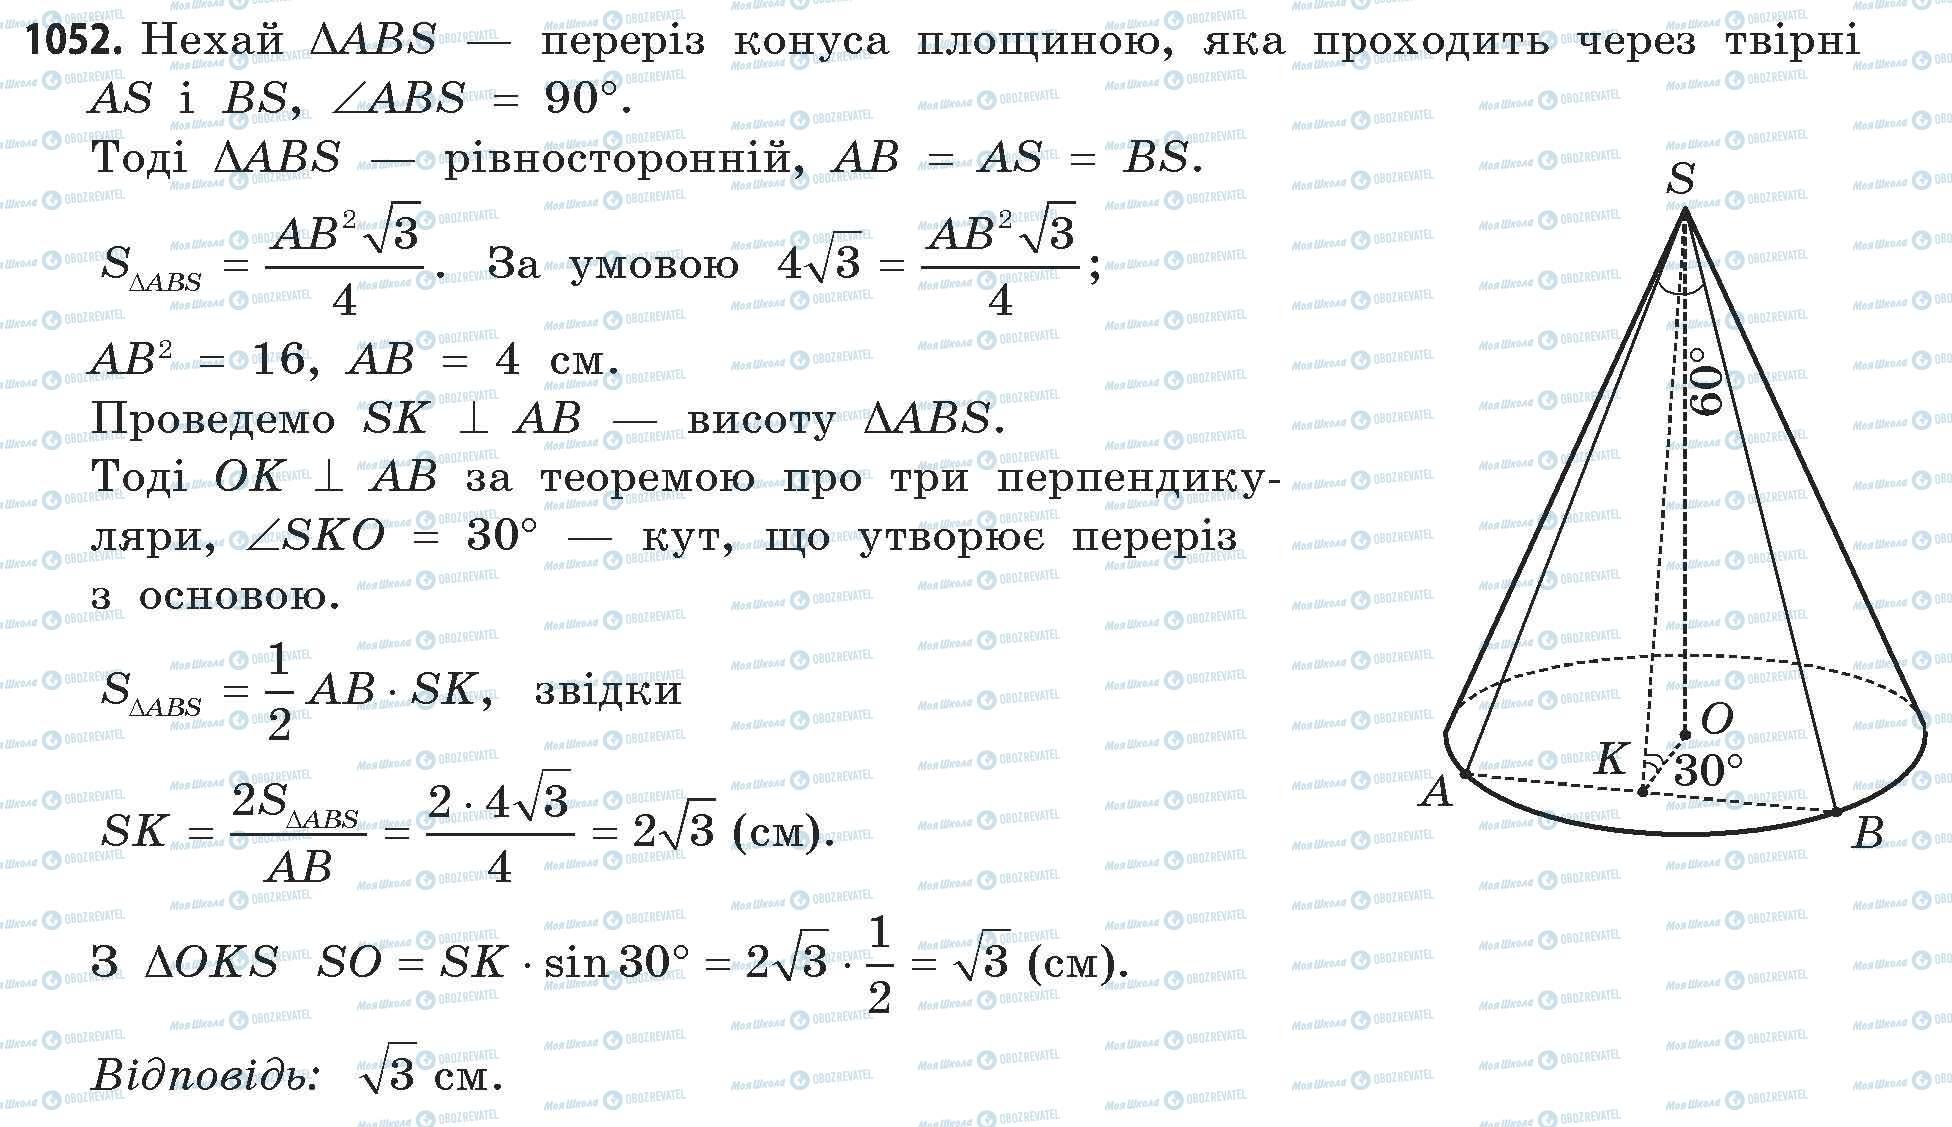 ГДЗ Математика 11 клас сторінка 1052